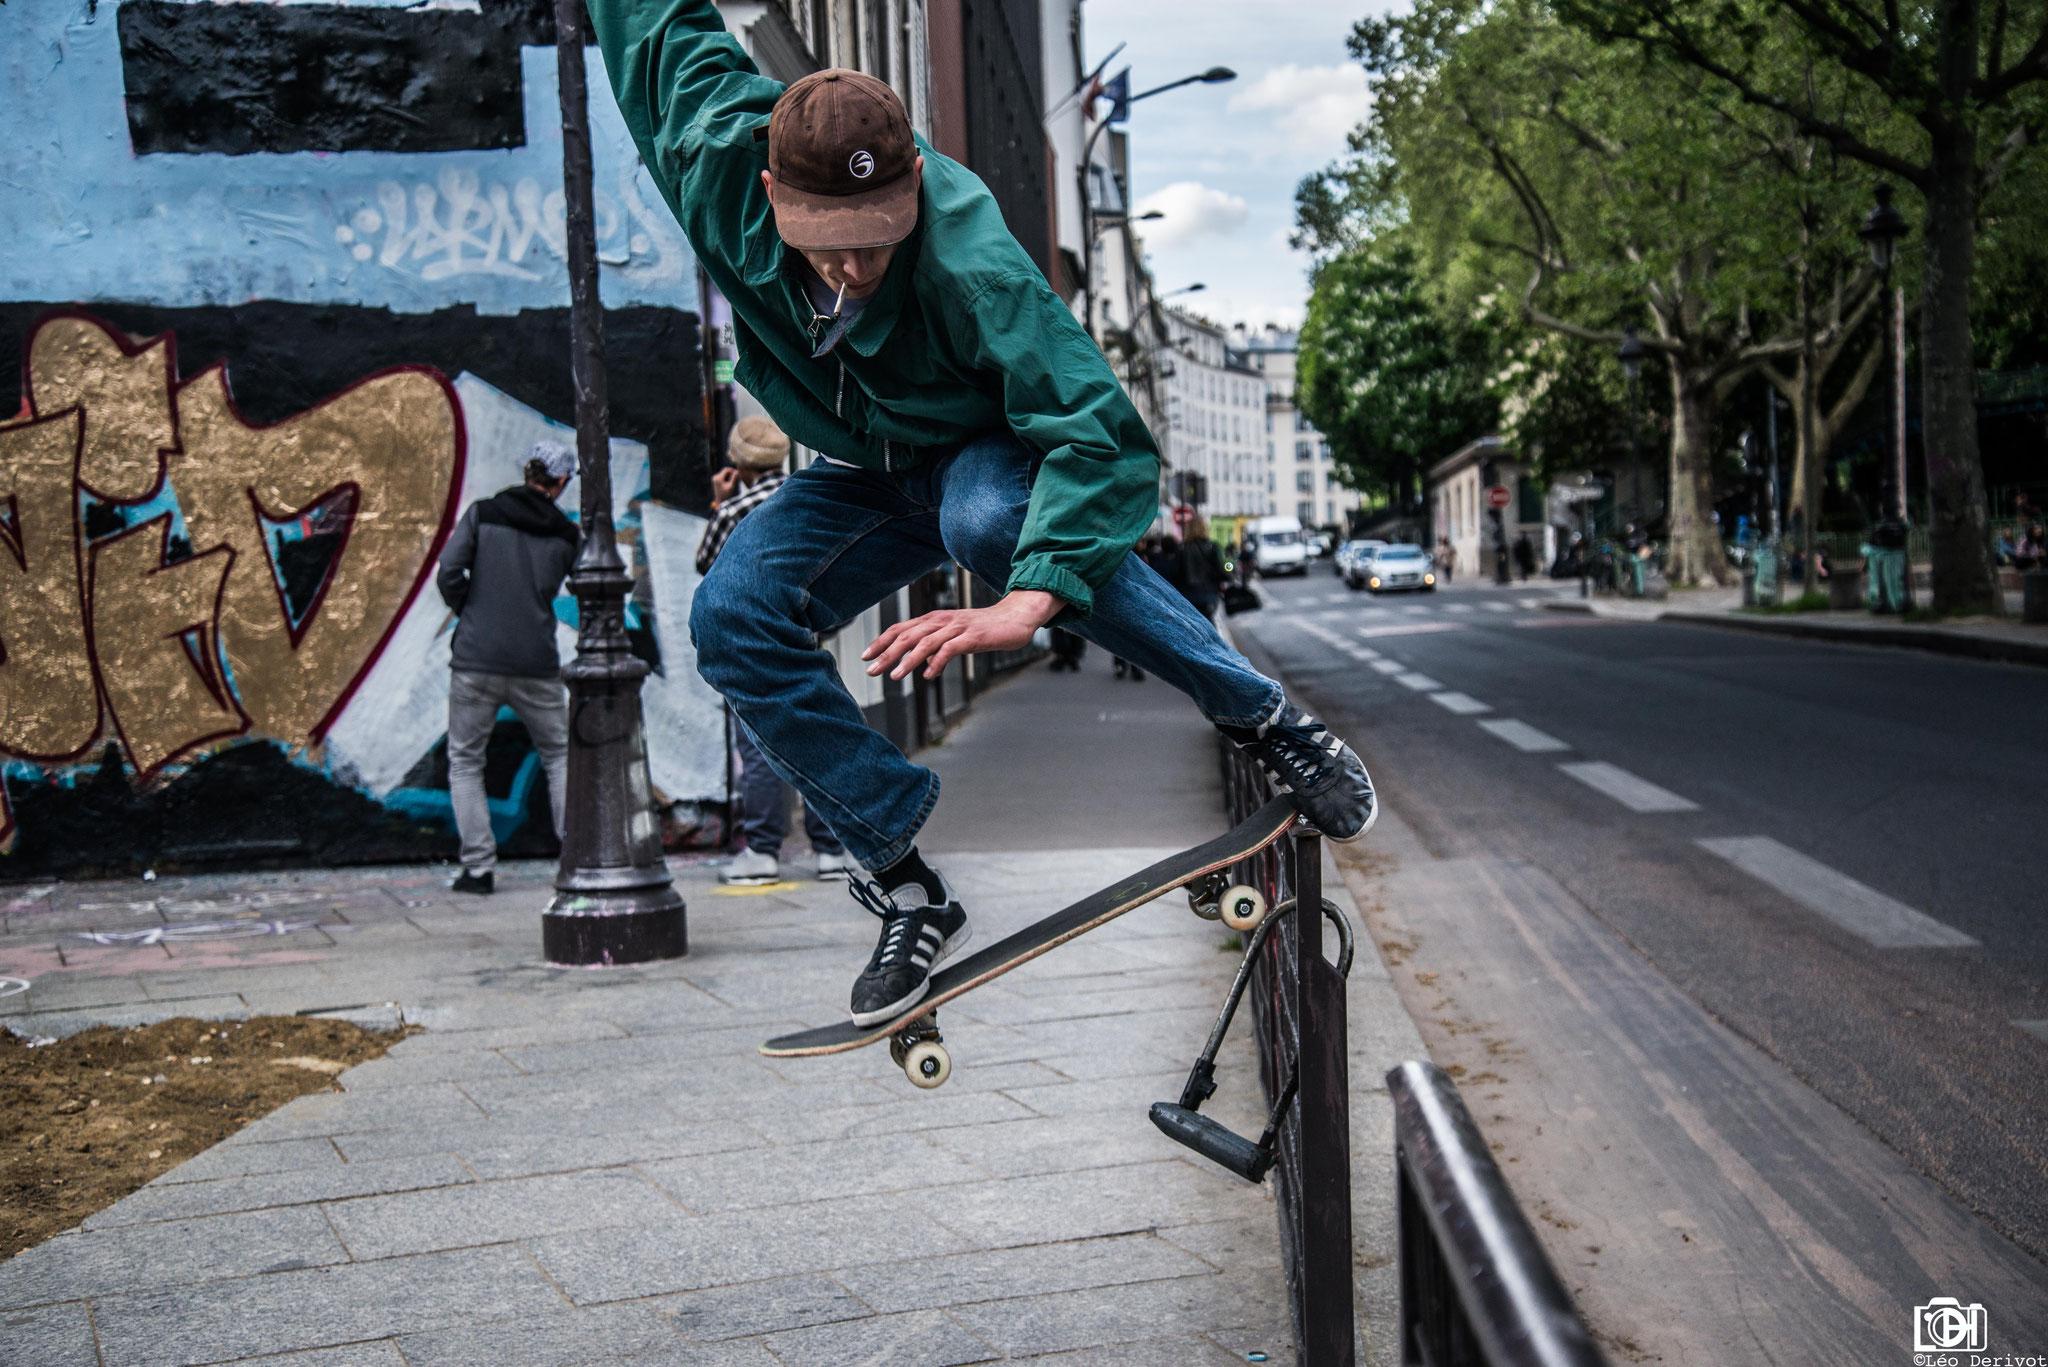 Skate, Paris, 2018